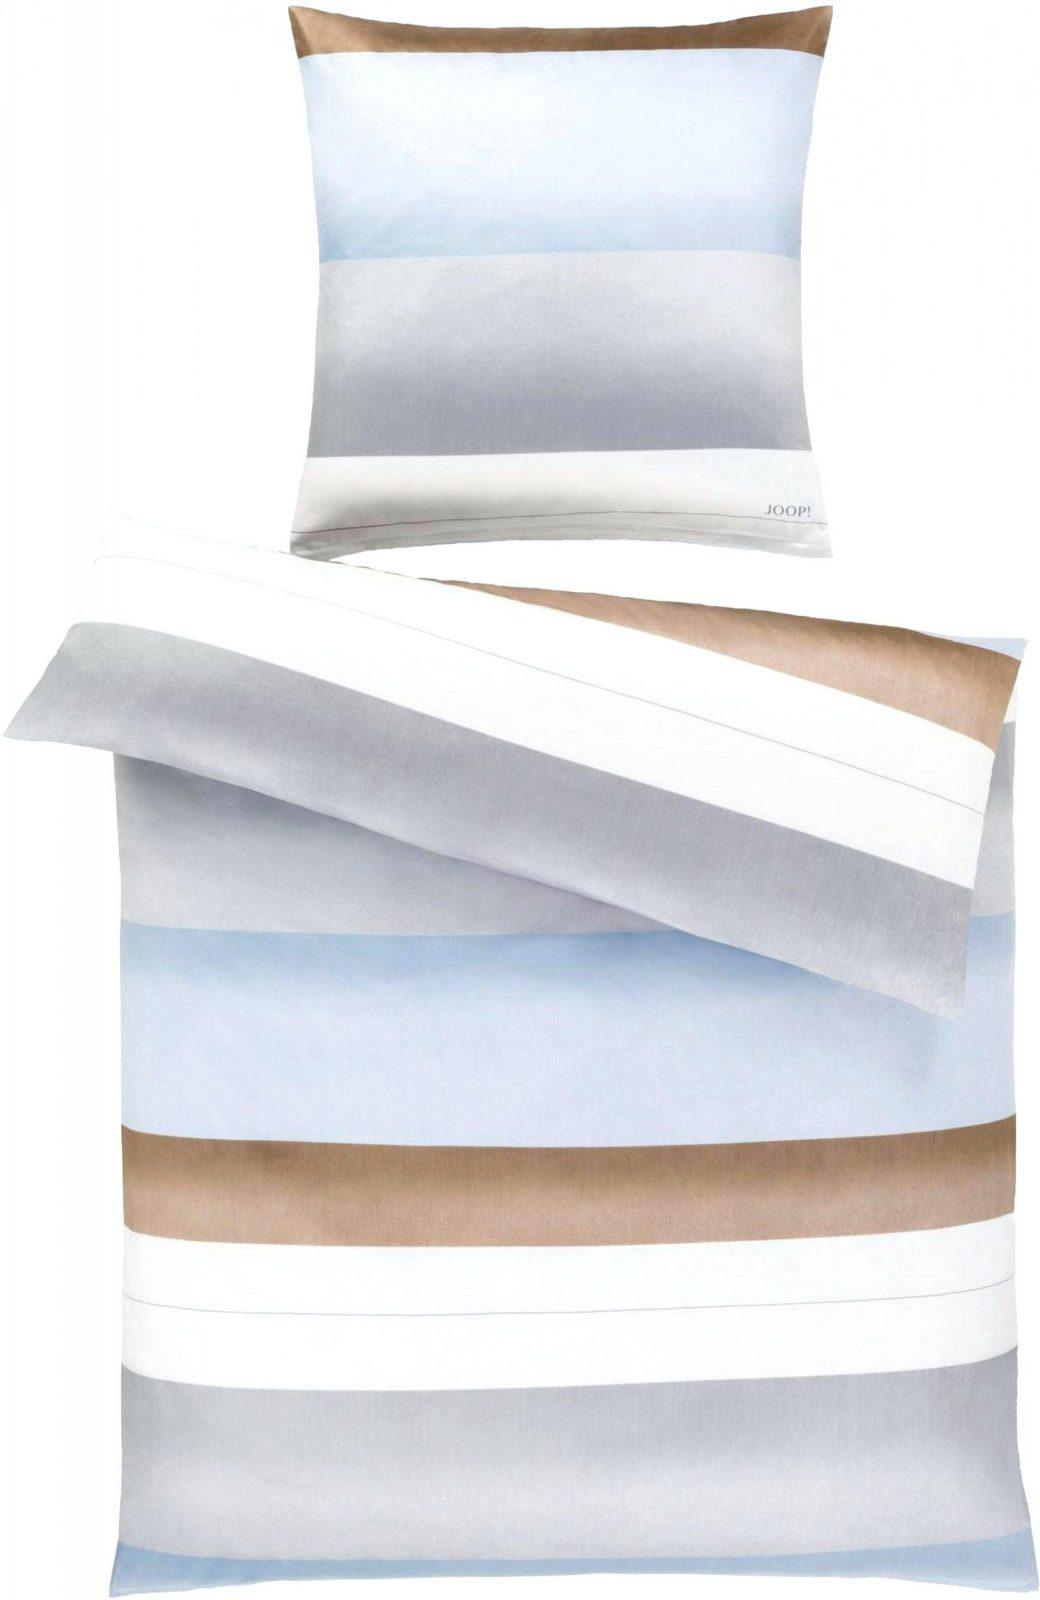 Bettwasche Joop Bildquellebettwasche Apuritya Mit Streifen 155×220 von Joop Bettwäsche 155X220 Reduziert Bild